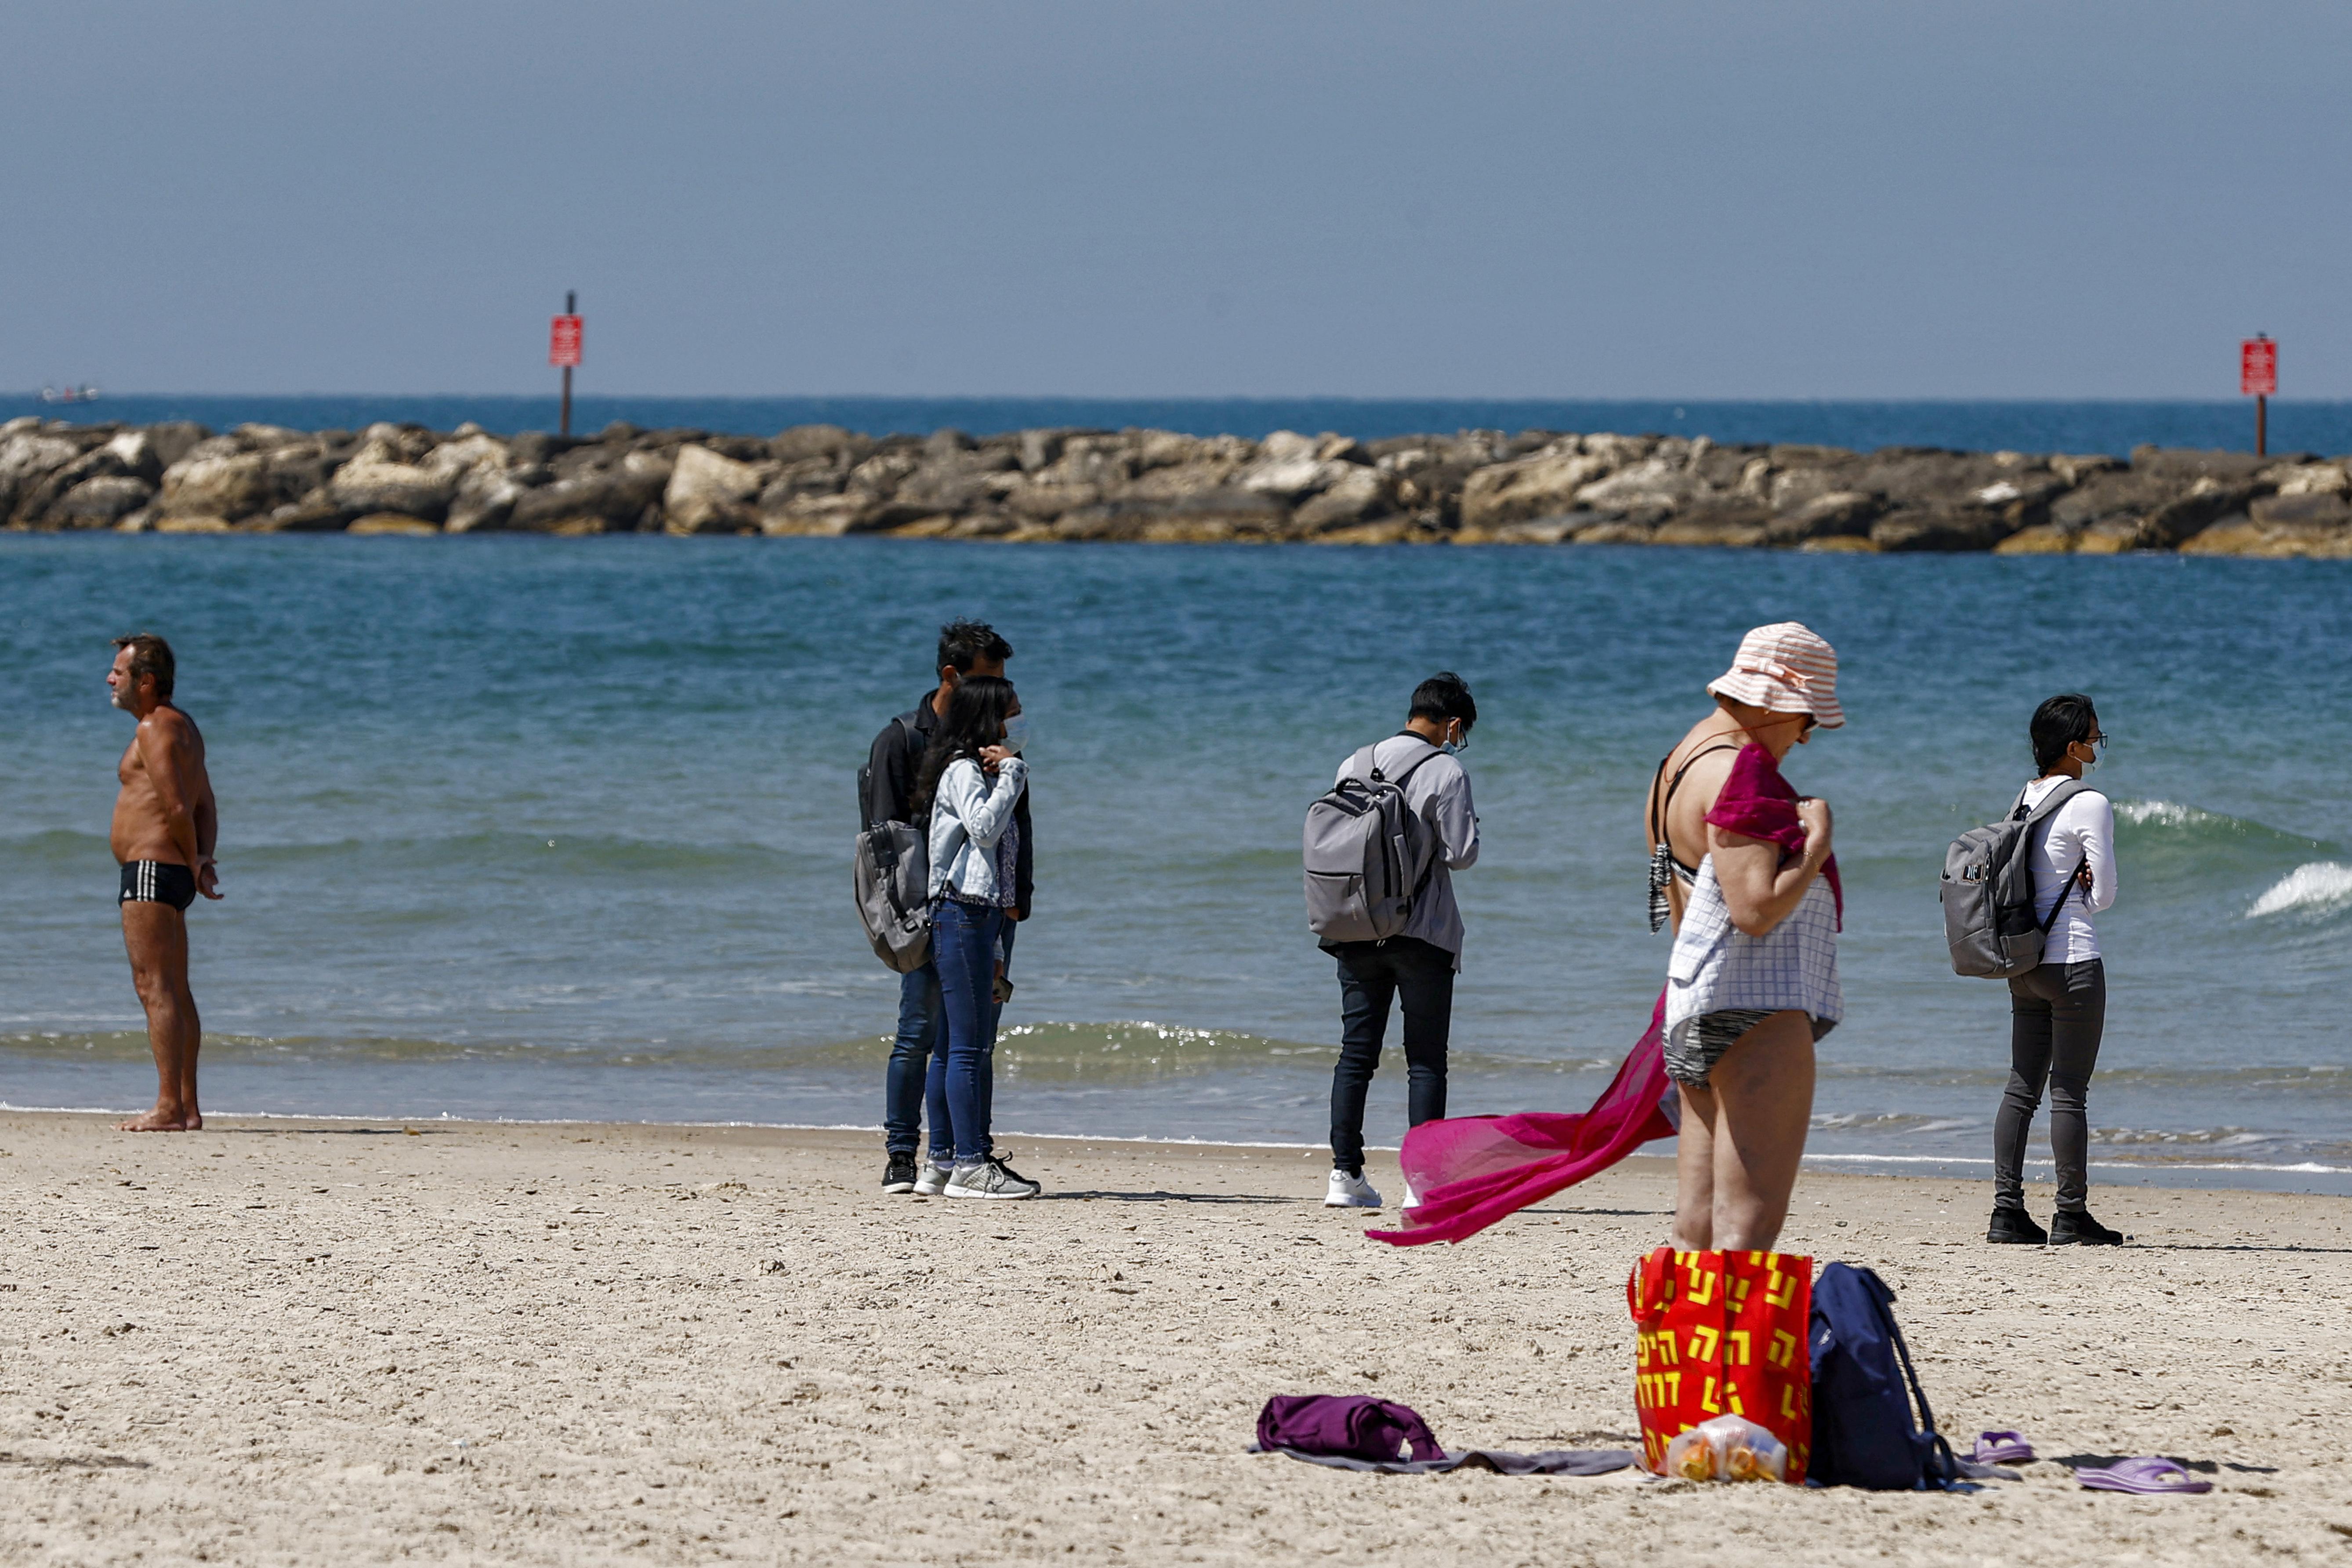 (As praias, restaurantes e bares estão abertos no país desde março. Foto: JACK GUEZ / AFP)